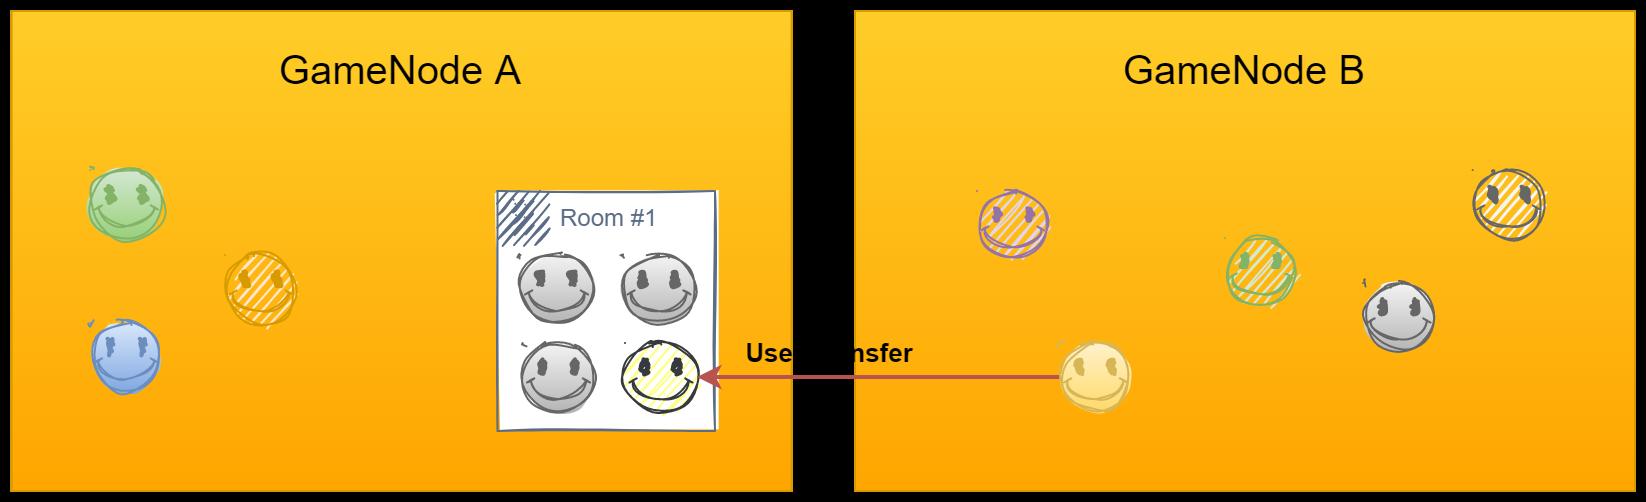 gamenode-user-transfer2.png